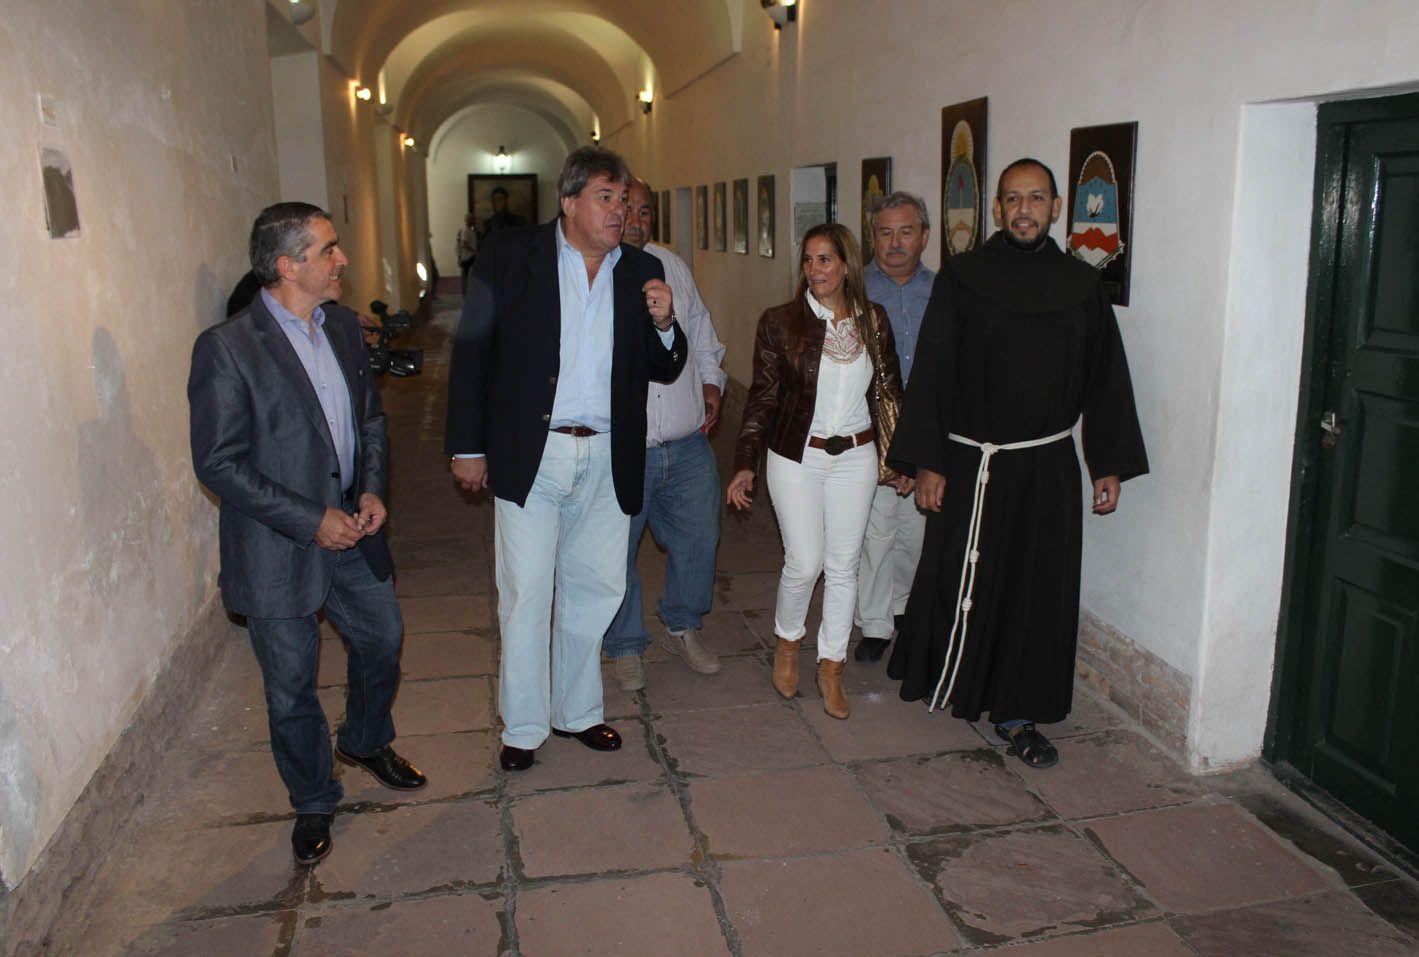 Legisladores. Armando Traferri. Luis Rubeo y Marcela Aeberhard junto a fray Horacio Duarte en el claustro.